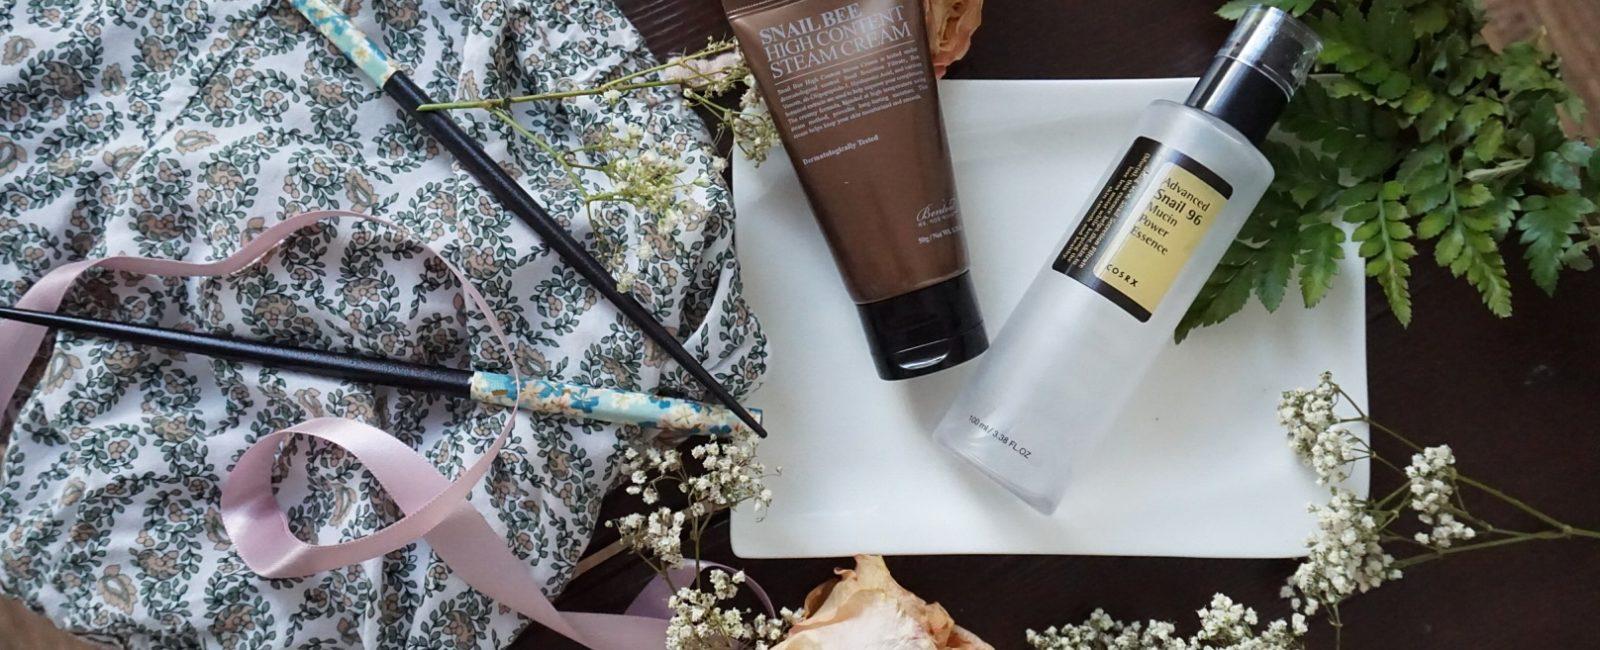 Kórejská kozmetika a jej vzácna pleťová ingrediencia